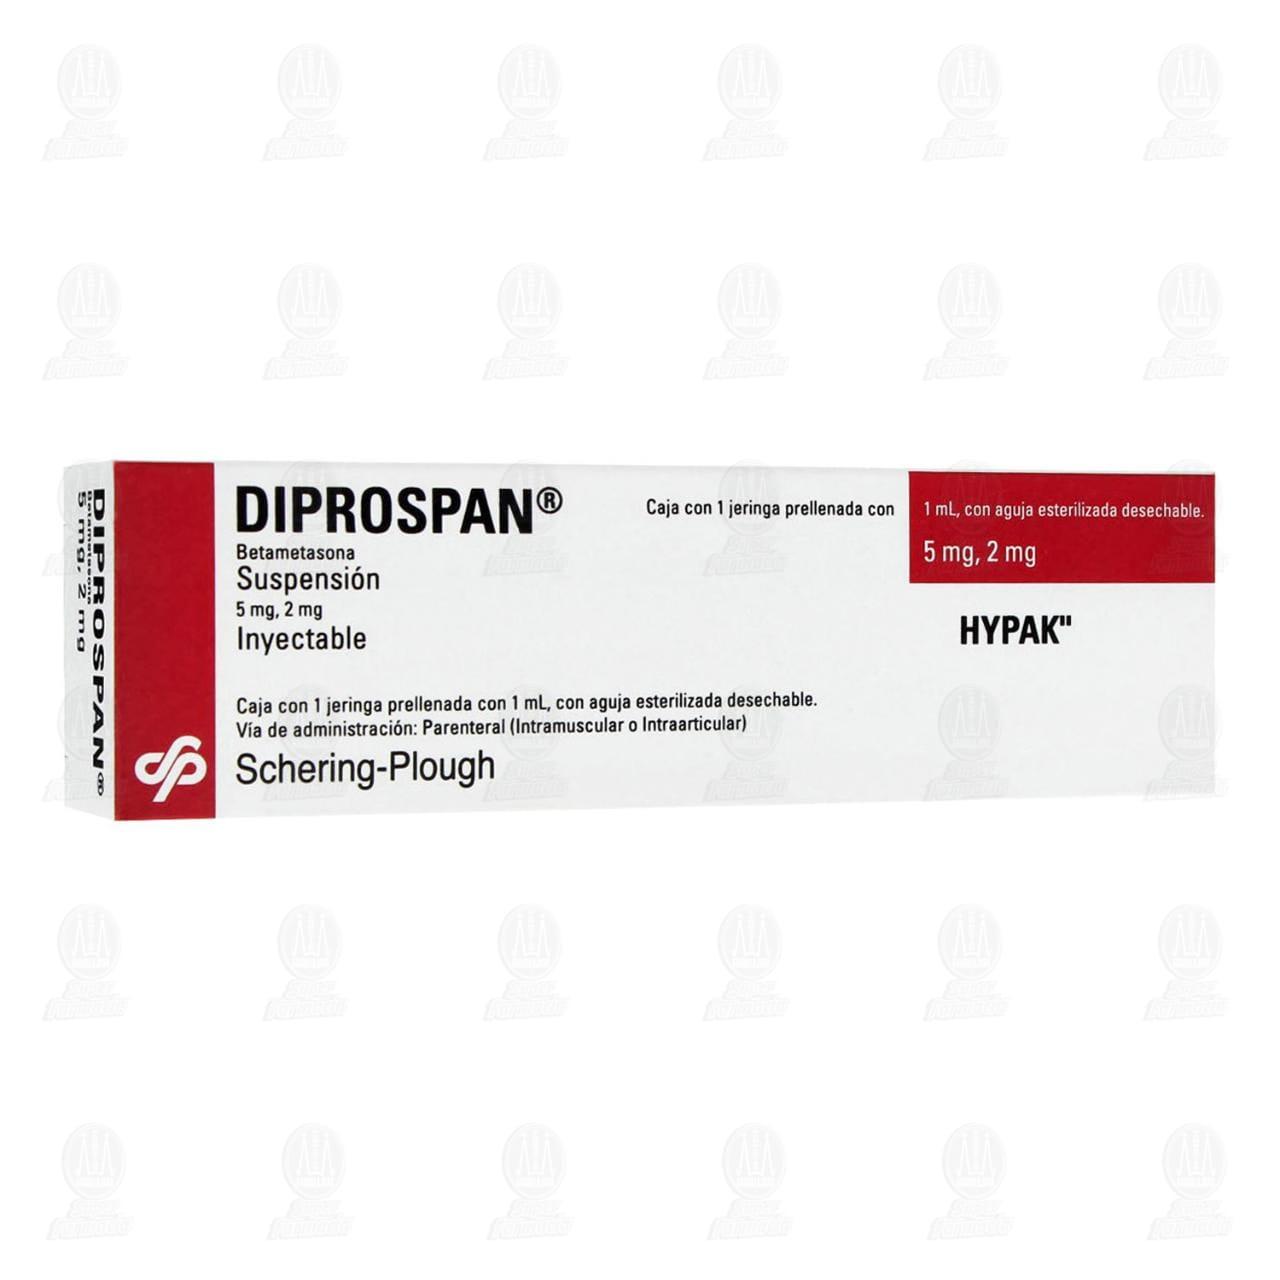 Comprar Diprospan Hypak 1ml Suspensión Inyectable en Farmacias Guadalajara